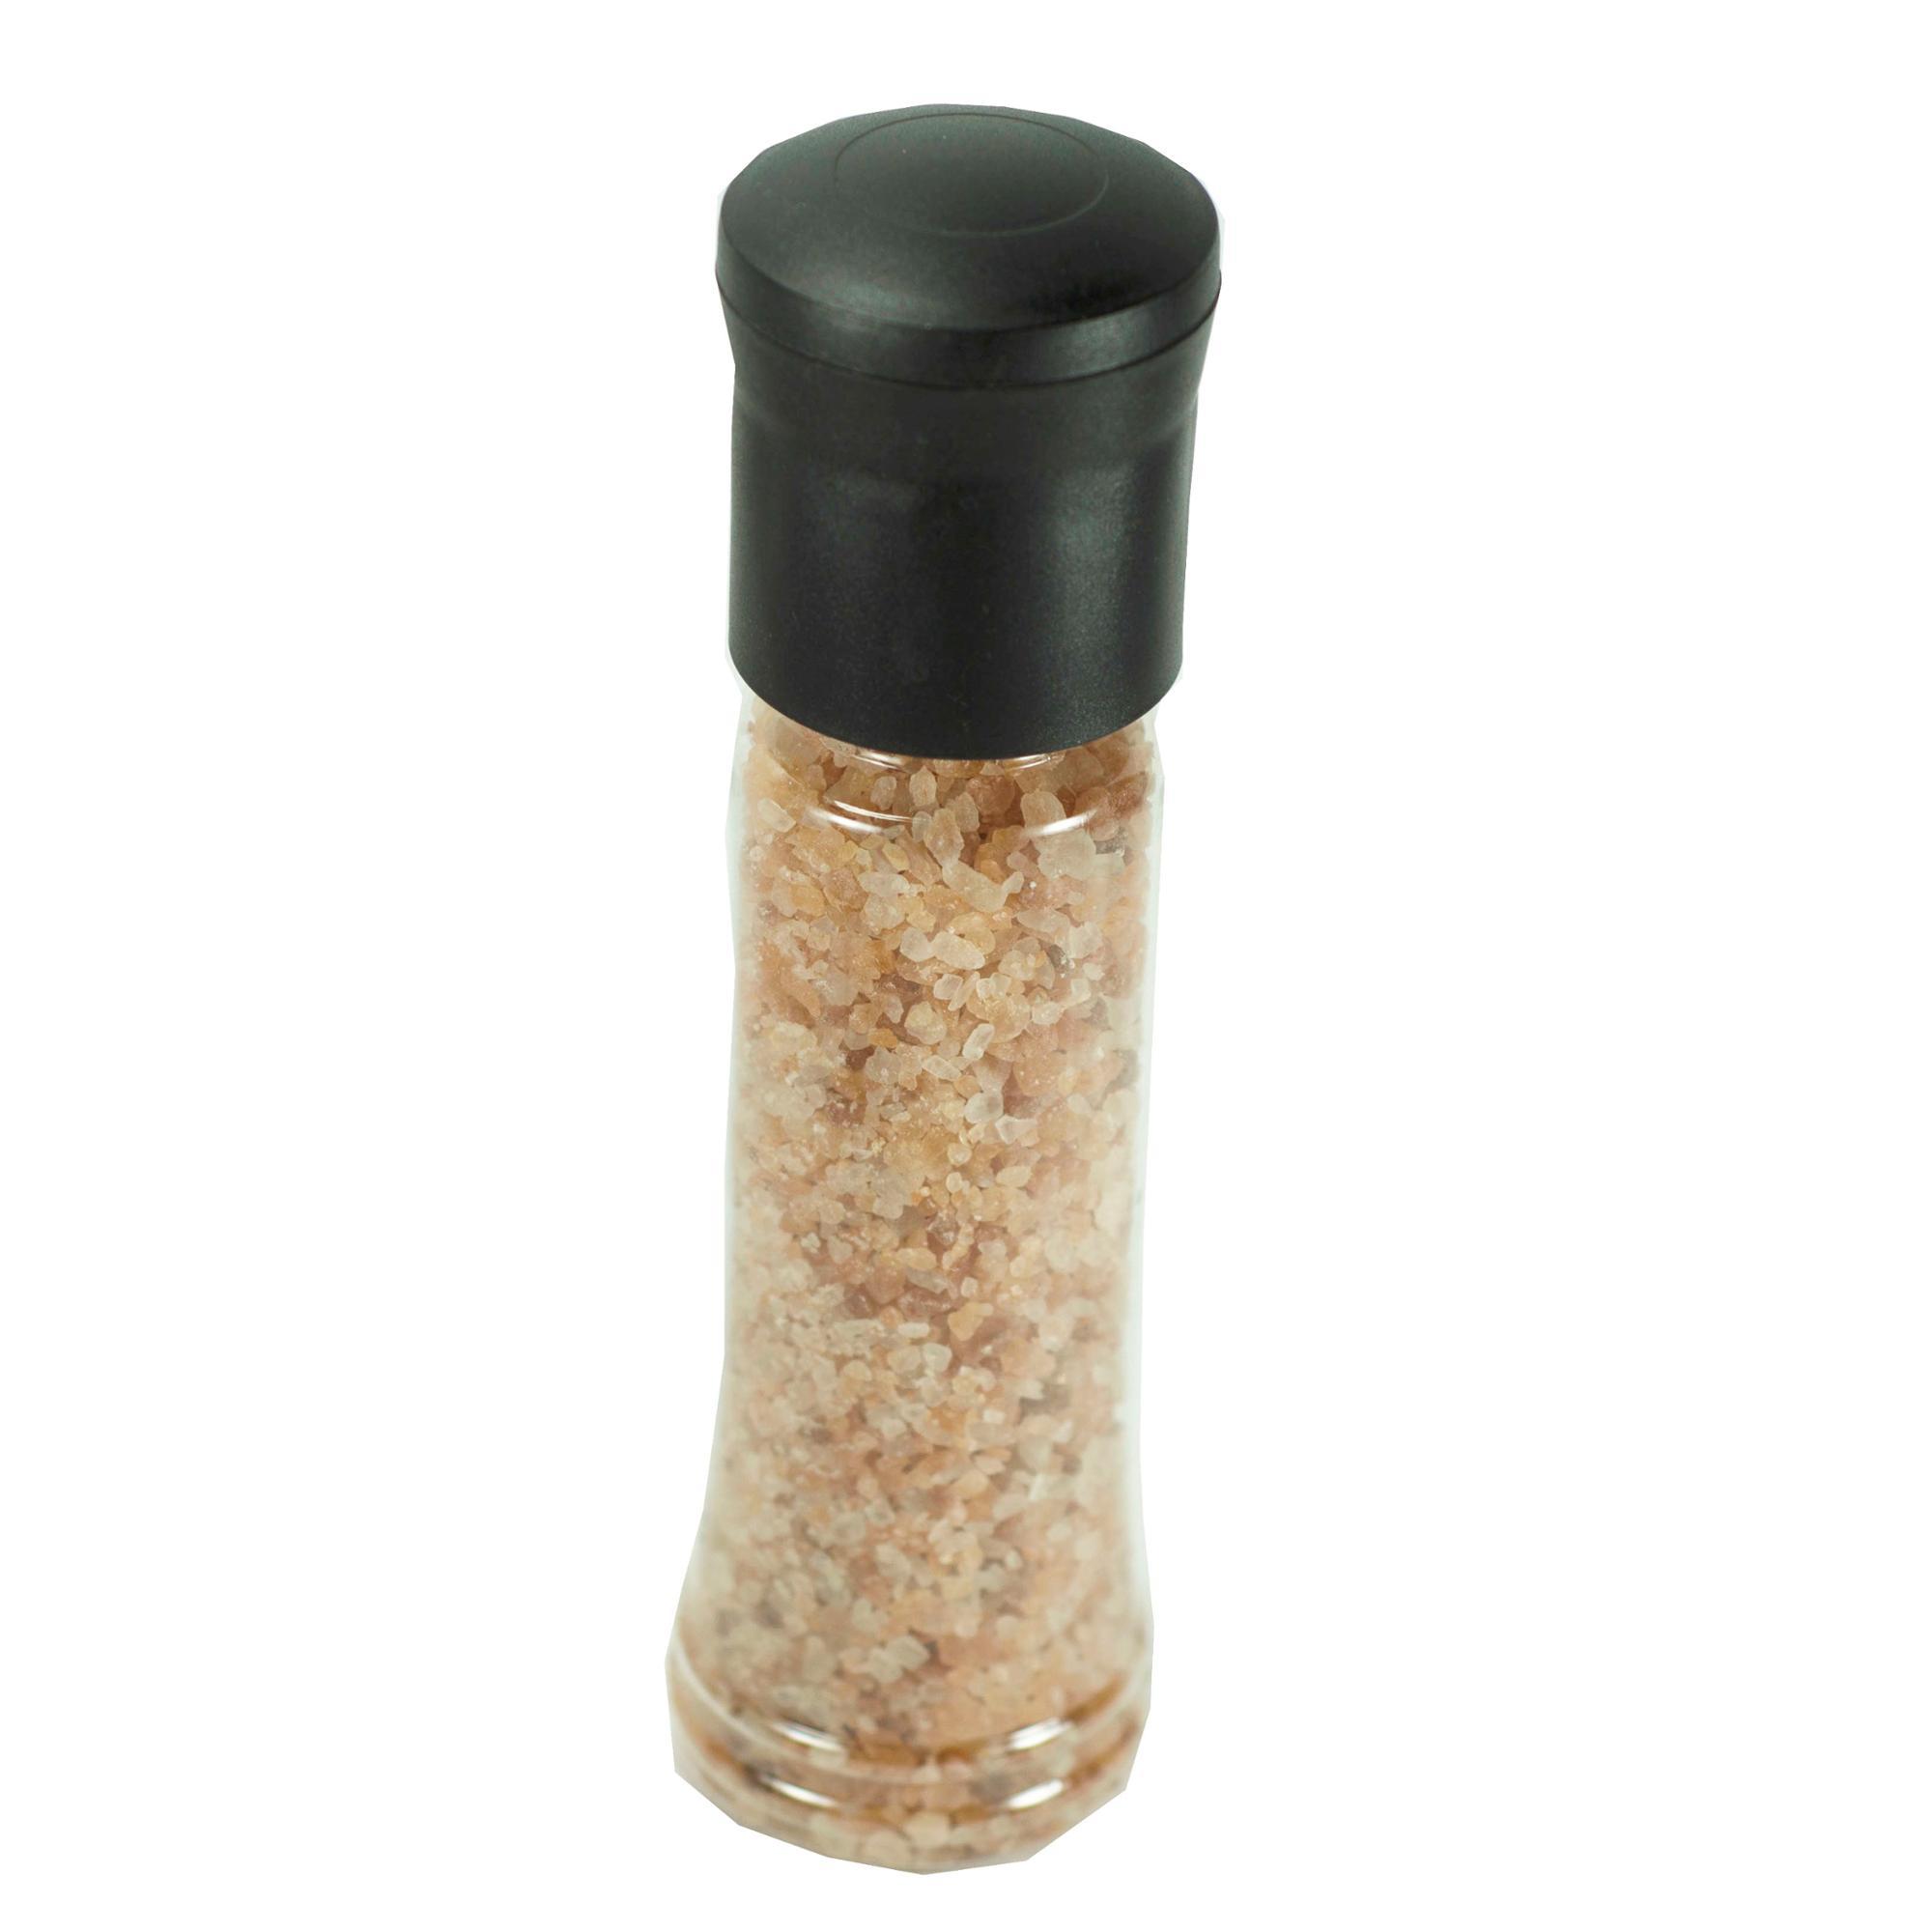 340 мл одноразовая/многоразовая мельница для перца пластиковая ПЭТ бутылка мельница для перца специй оптовая продажа большая ручная мельница для соли